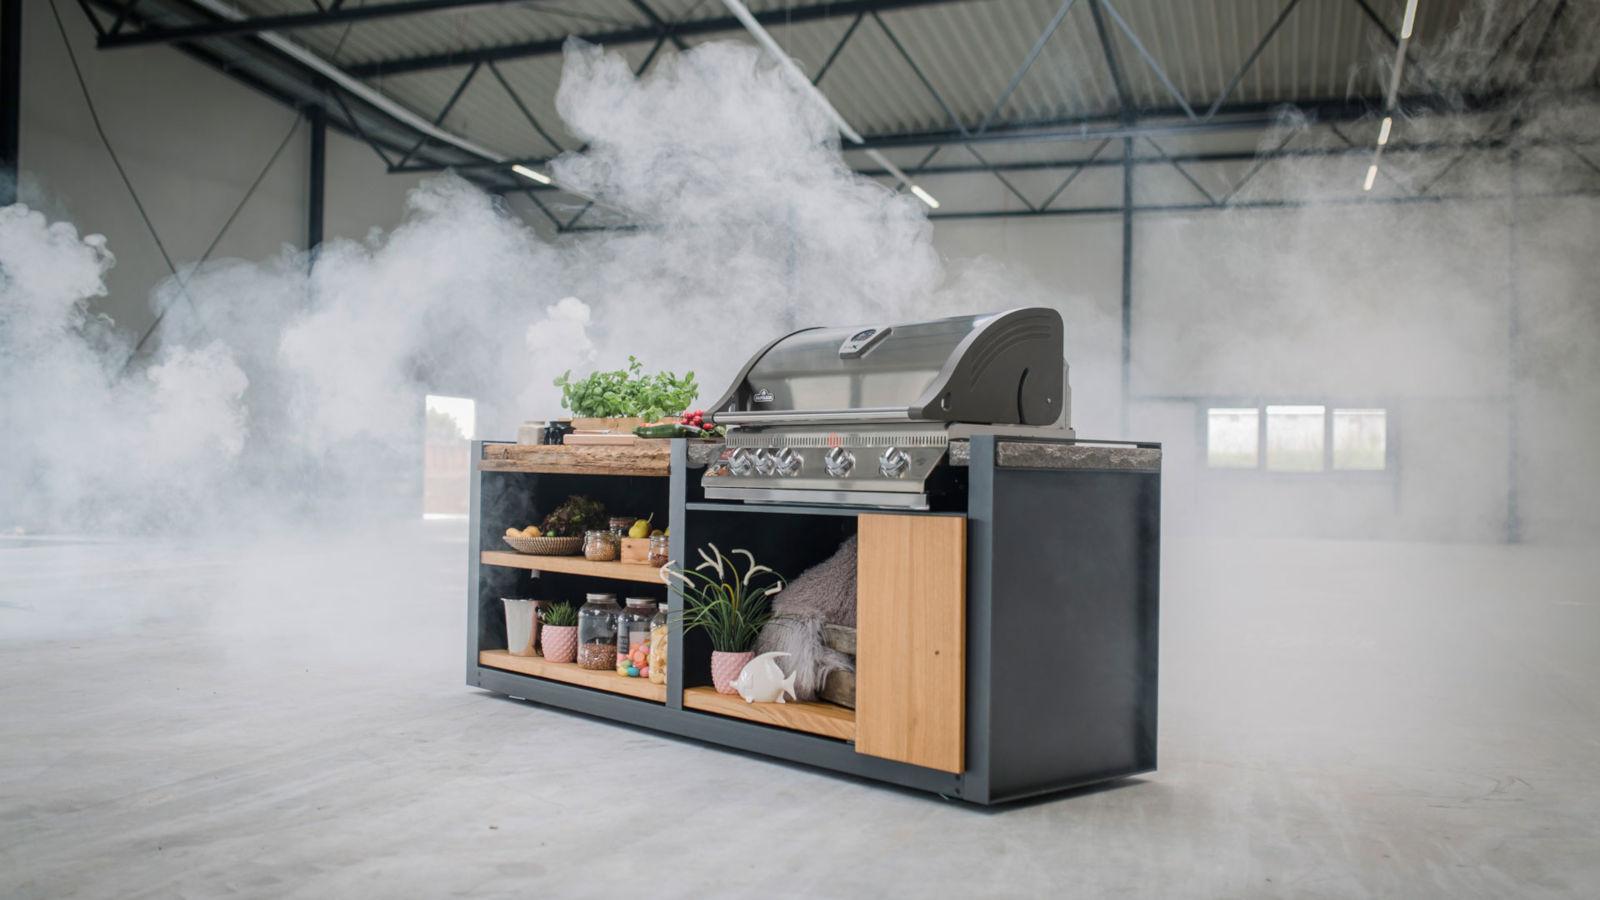 Fertige Outdoor Küchen : Fertige outdoorküchen lösung für ihren garten